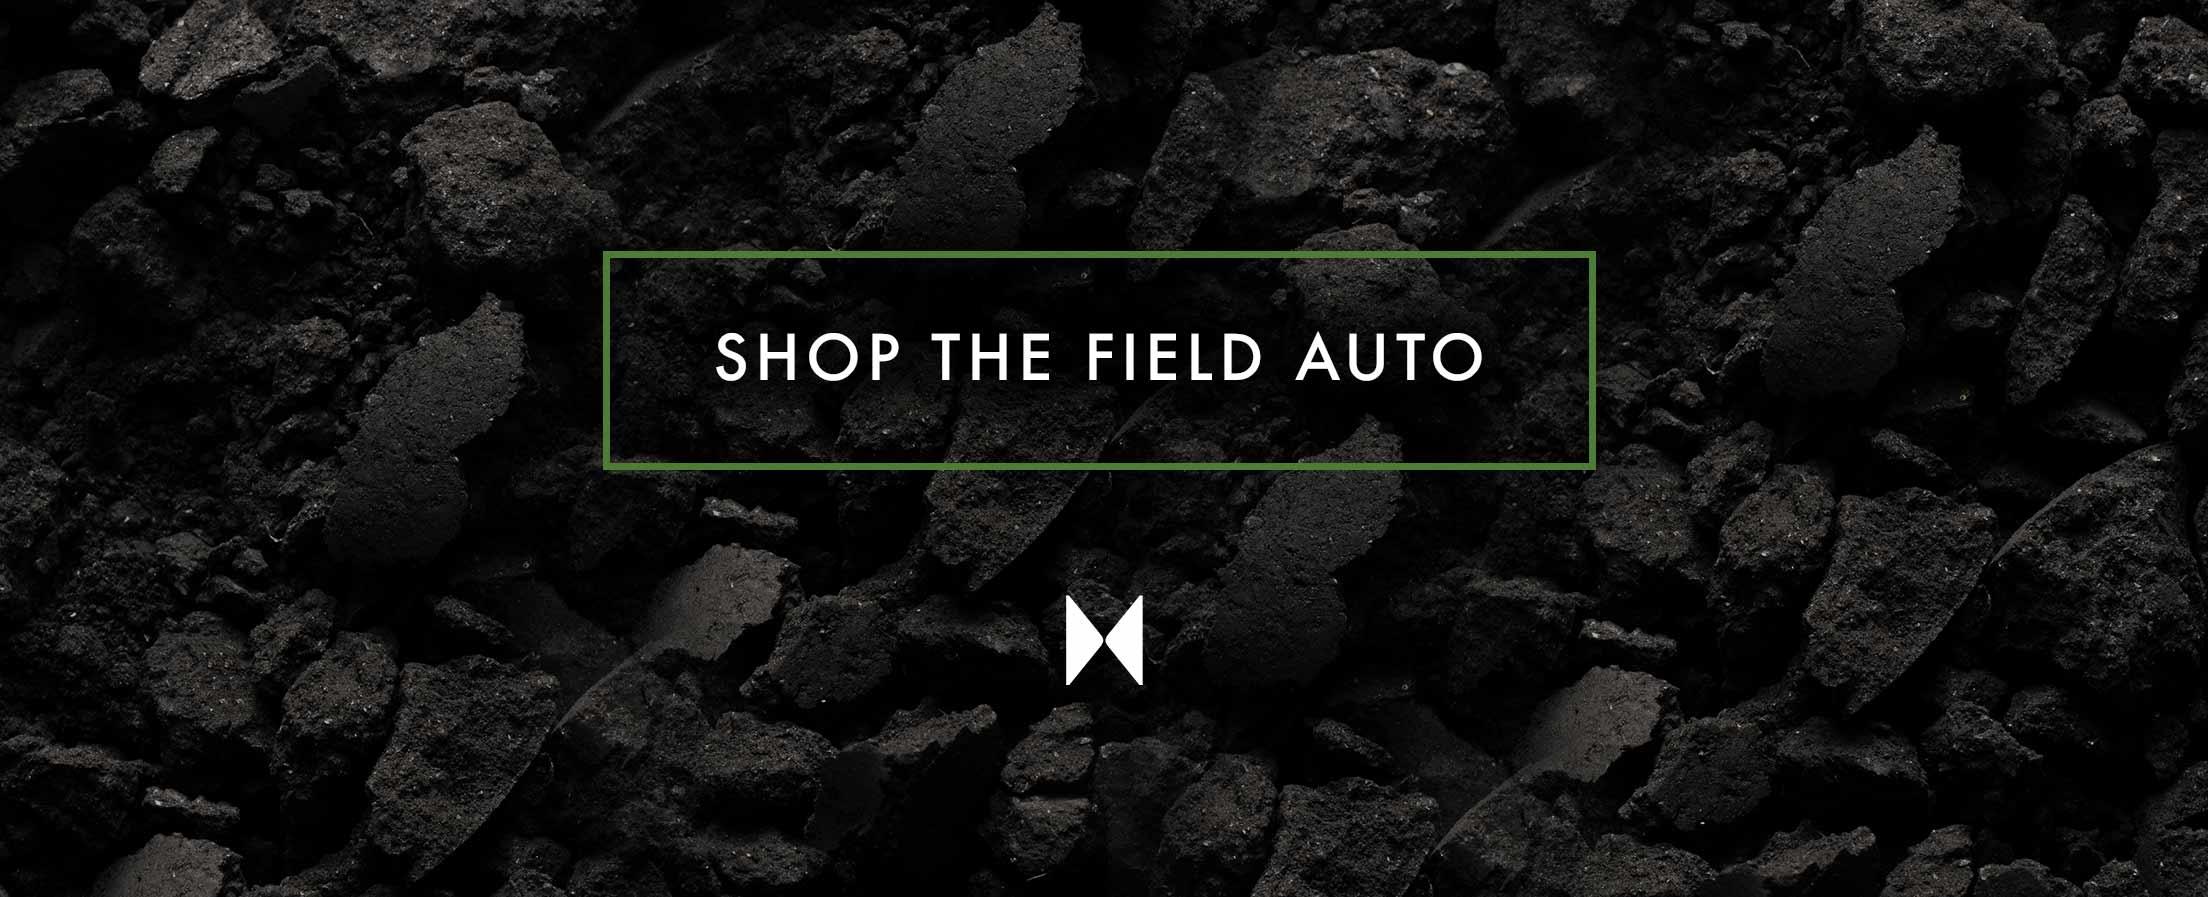 Shop the field auto